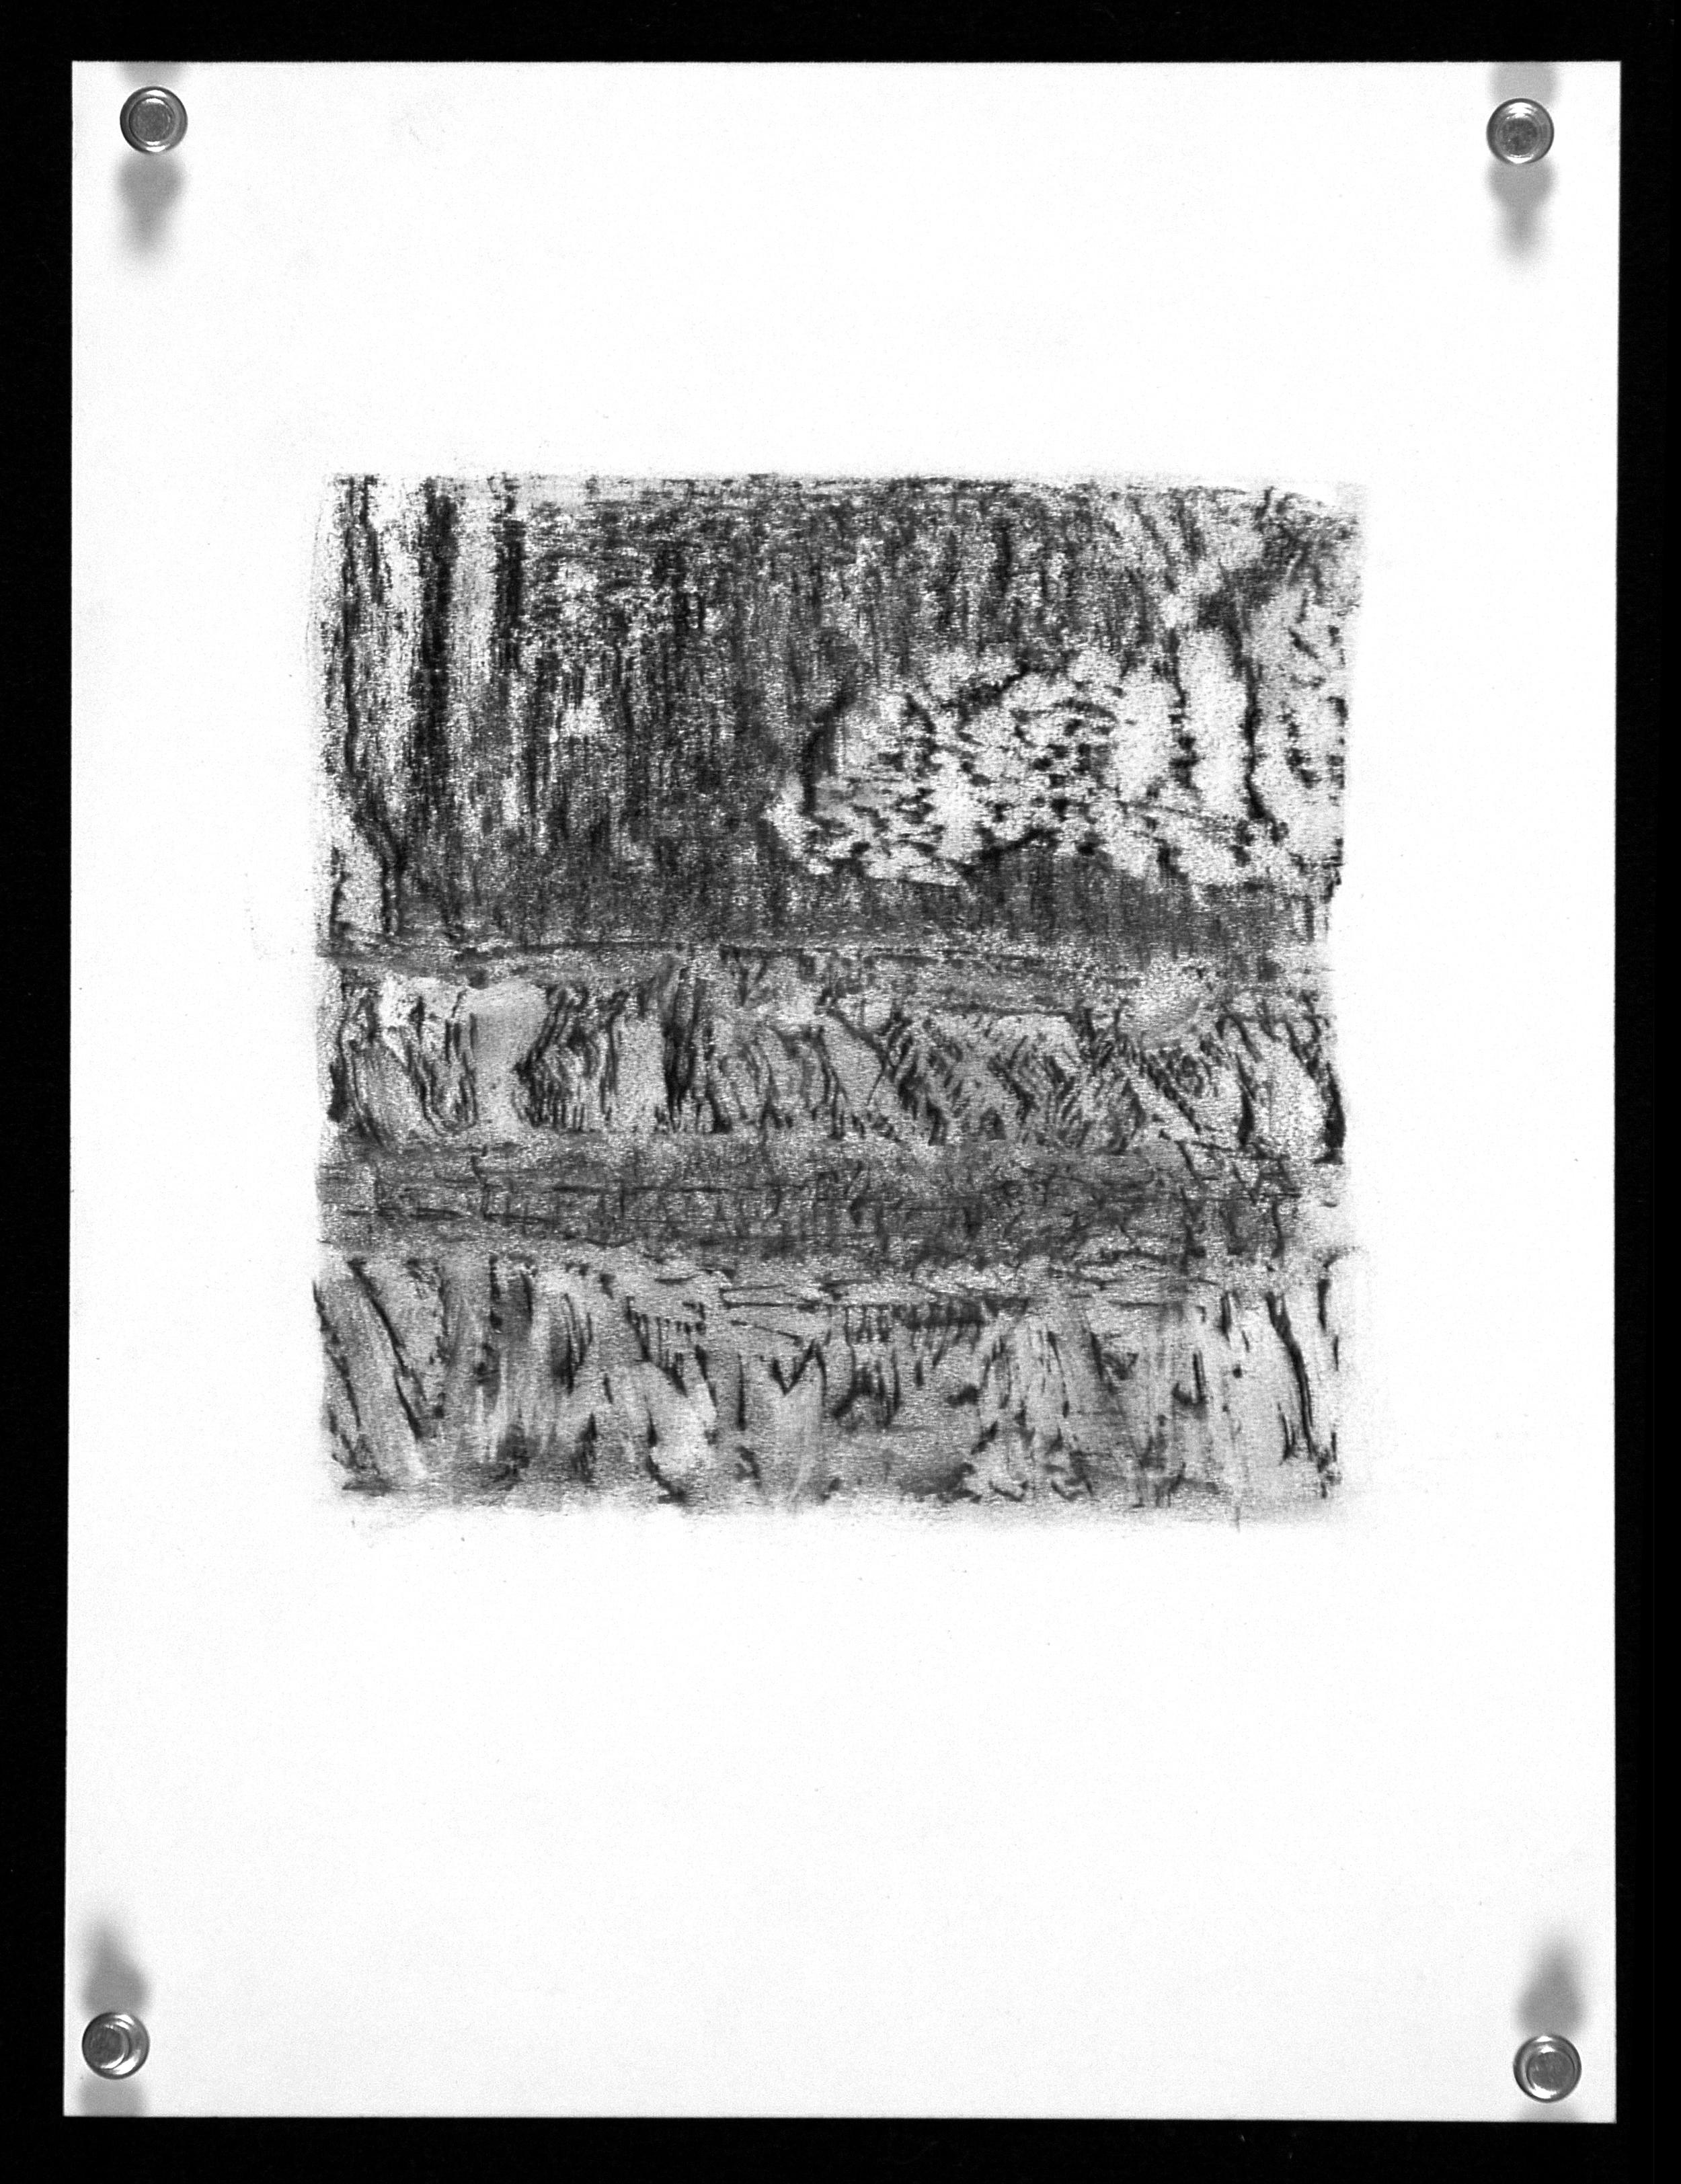 S.D. 69 - 9x12 -(Canson )  2014.jpg